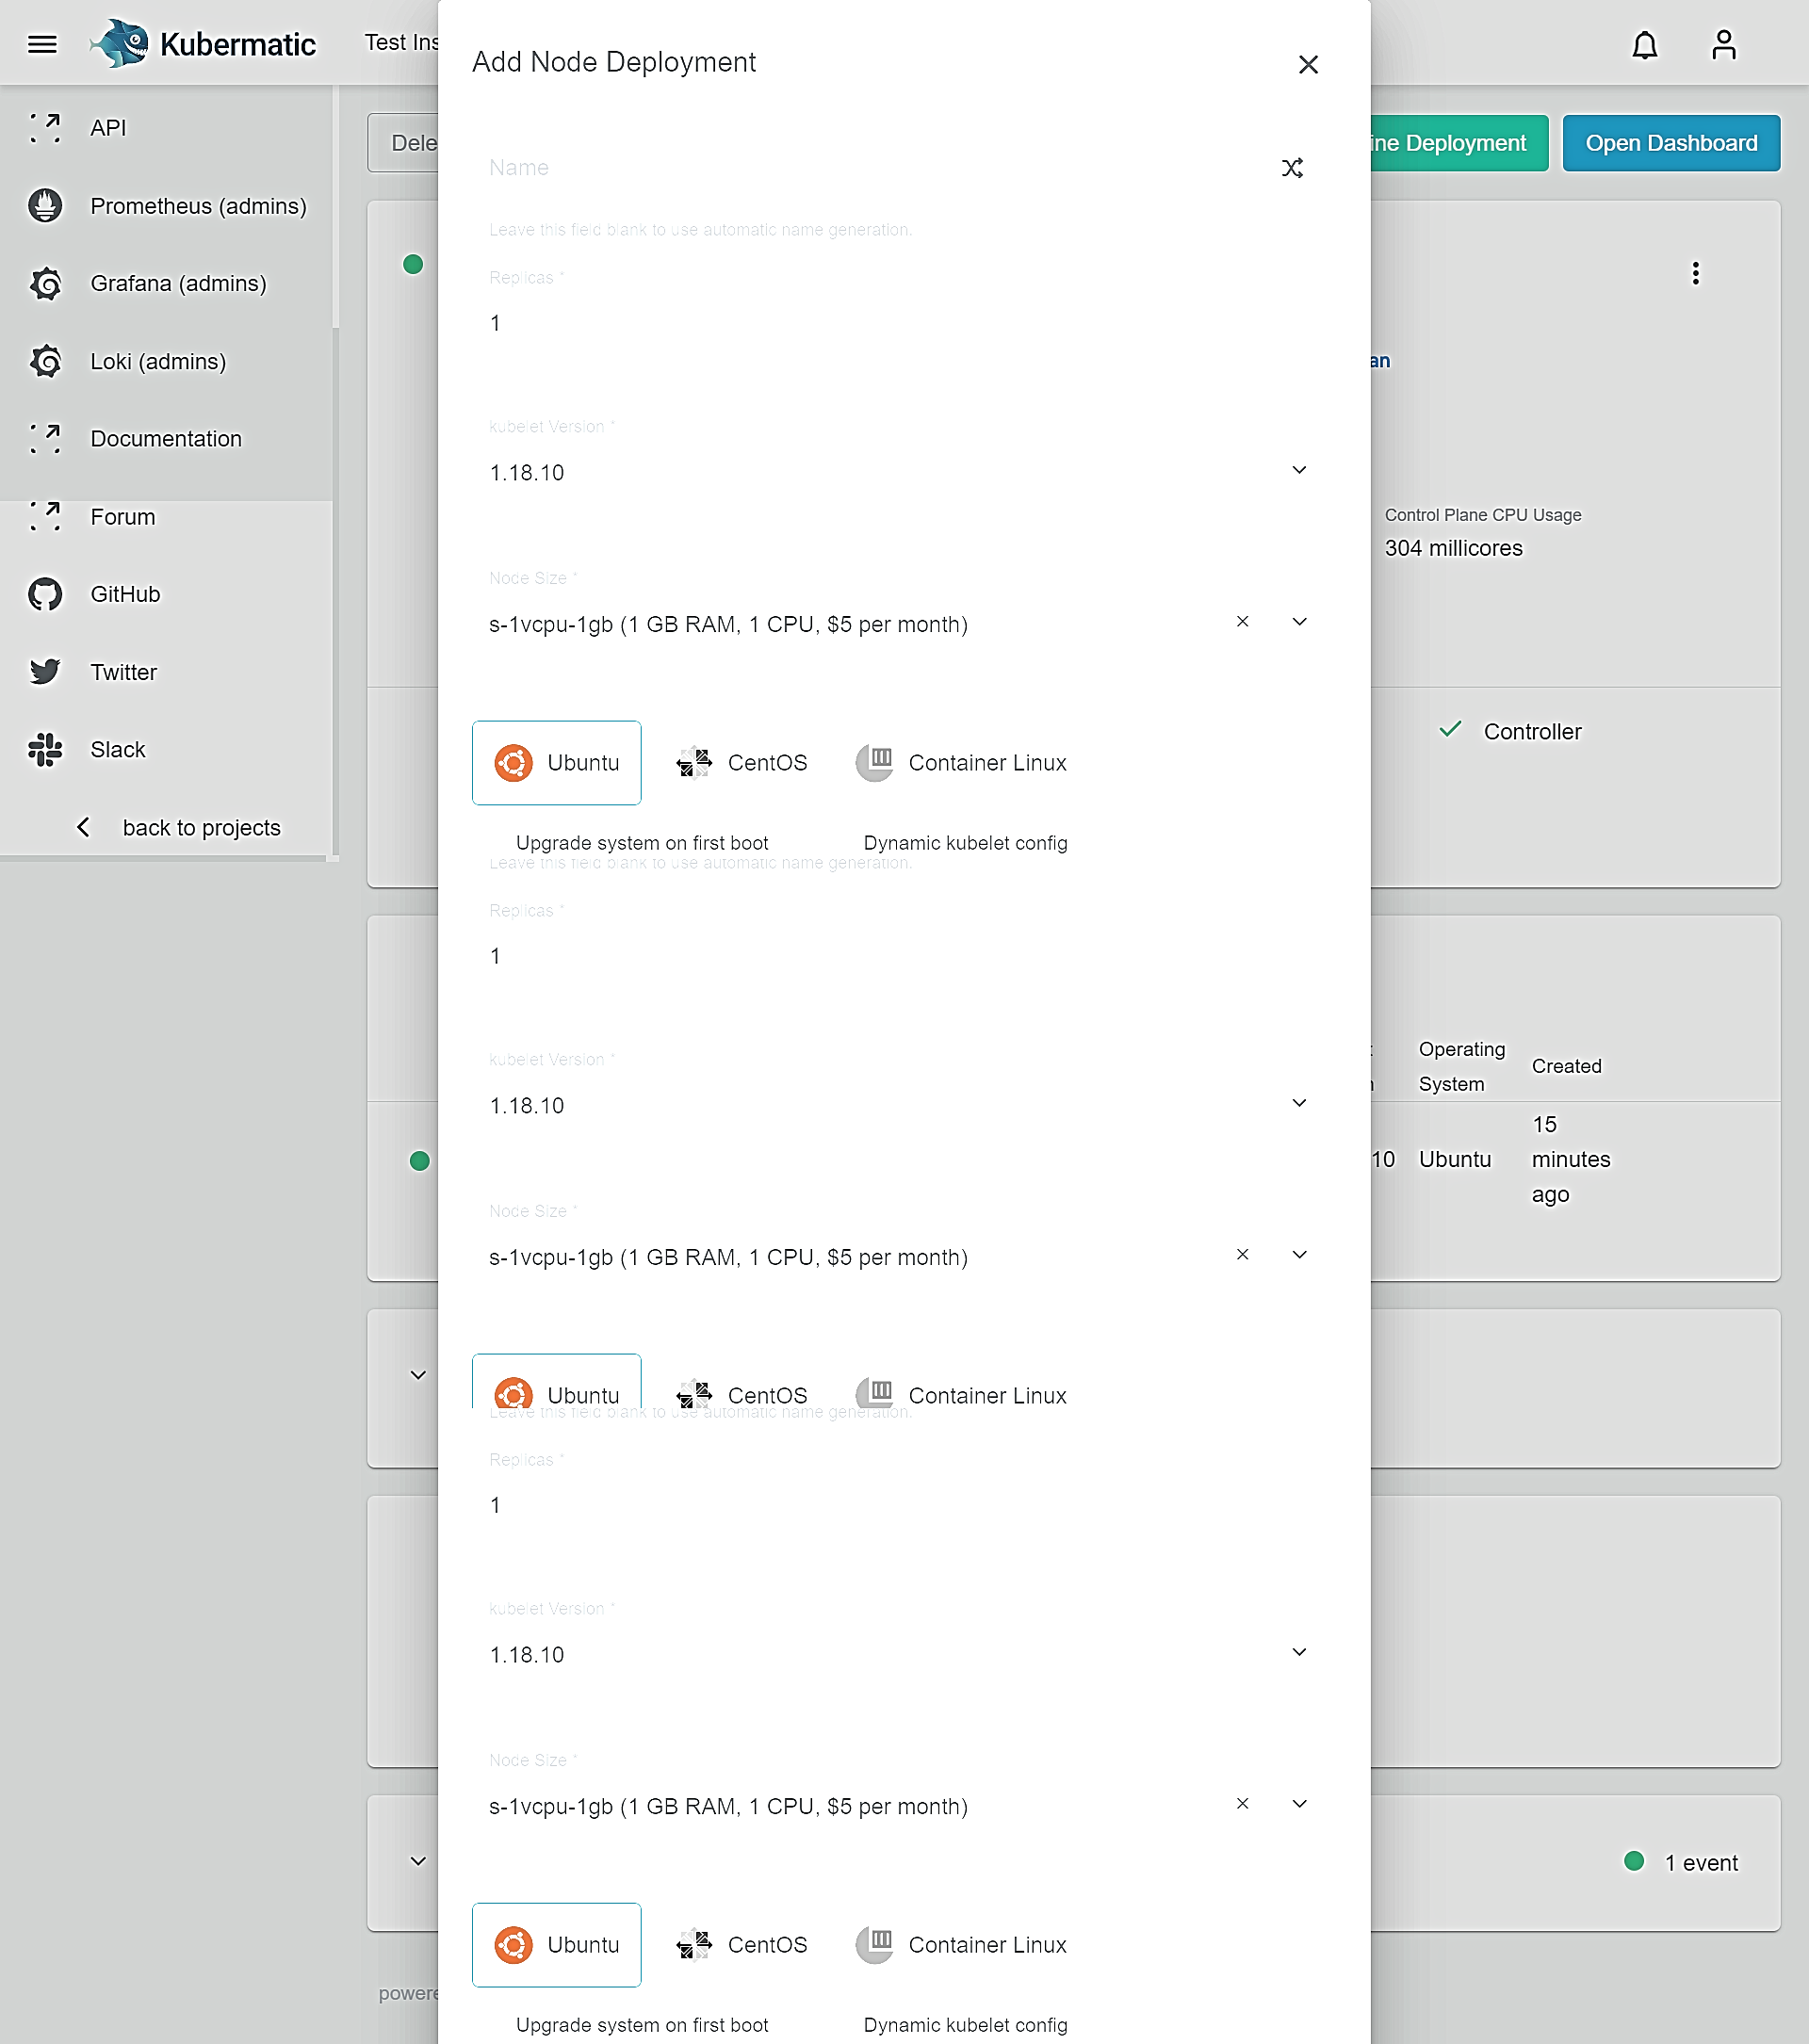 Kubermatic Kubernetes Platform_Adding New Nodes